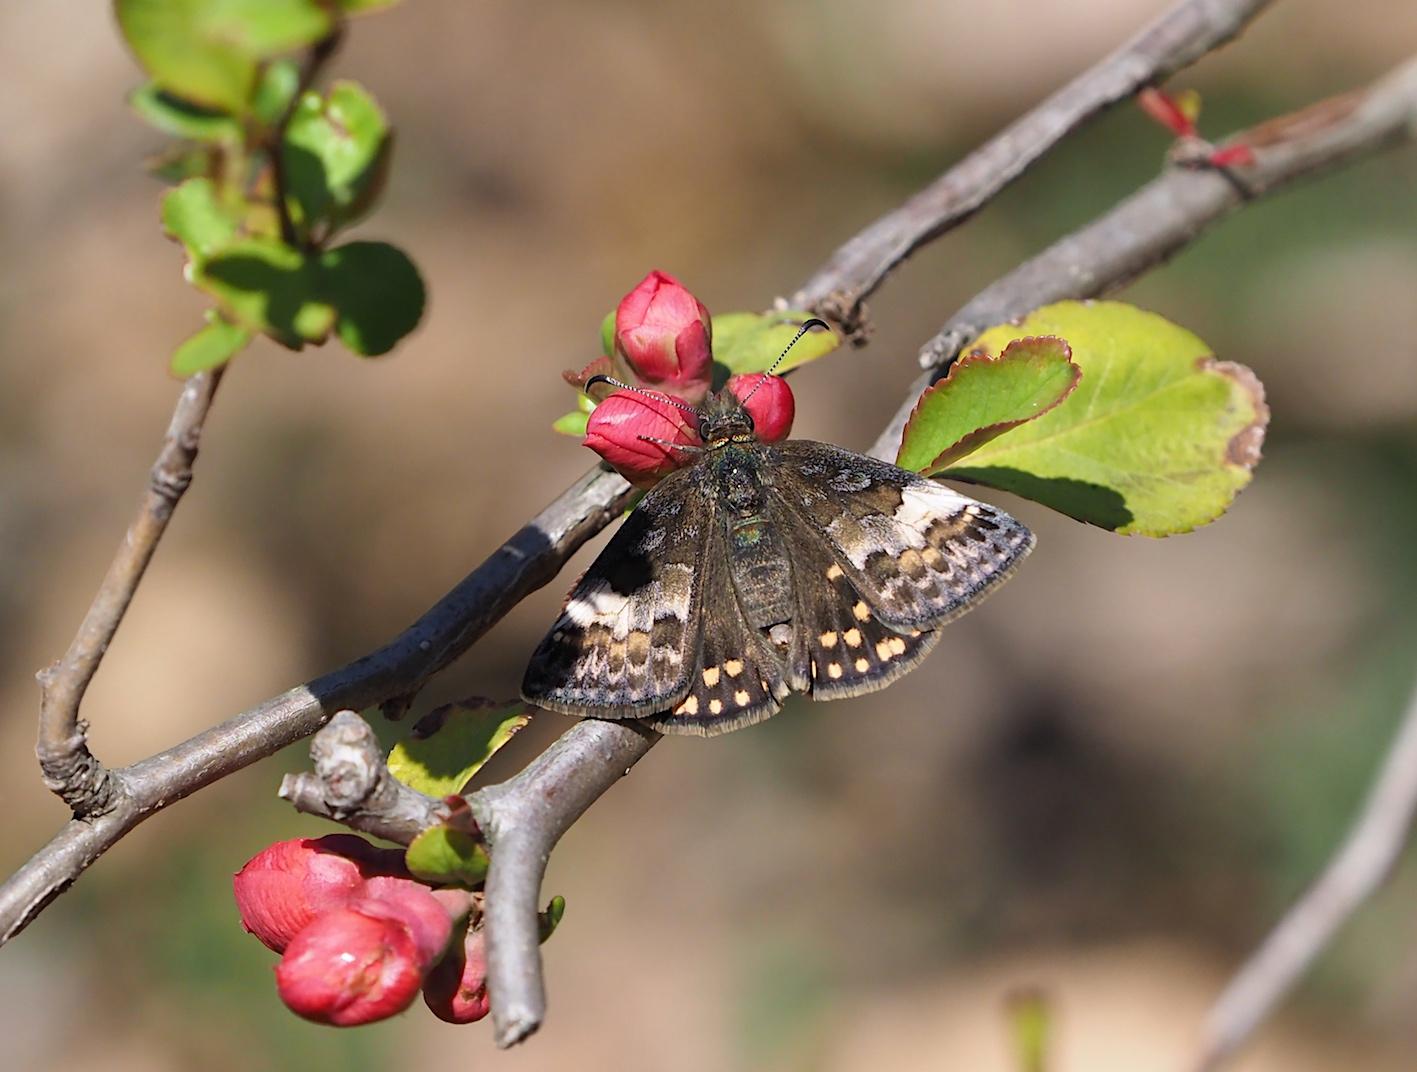 アセビにくる蝶たち、ミヤマセセリ(2019年3月26日)_d0303129_1521552.jpg